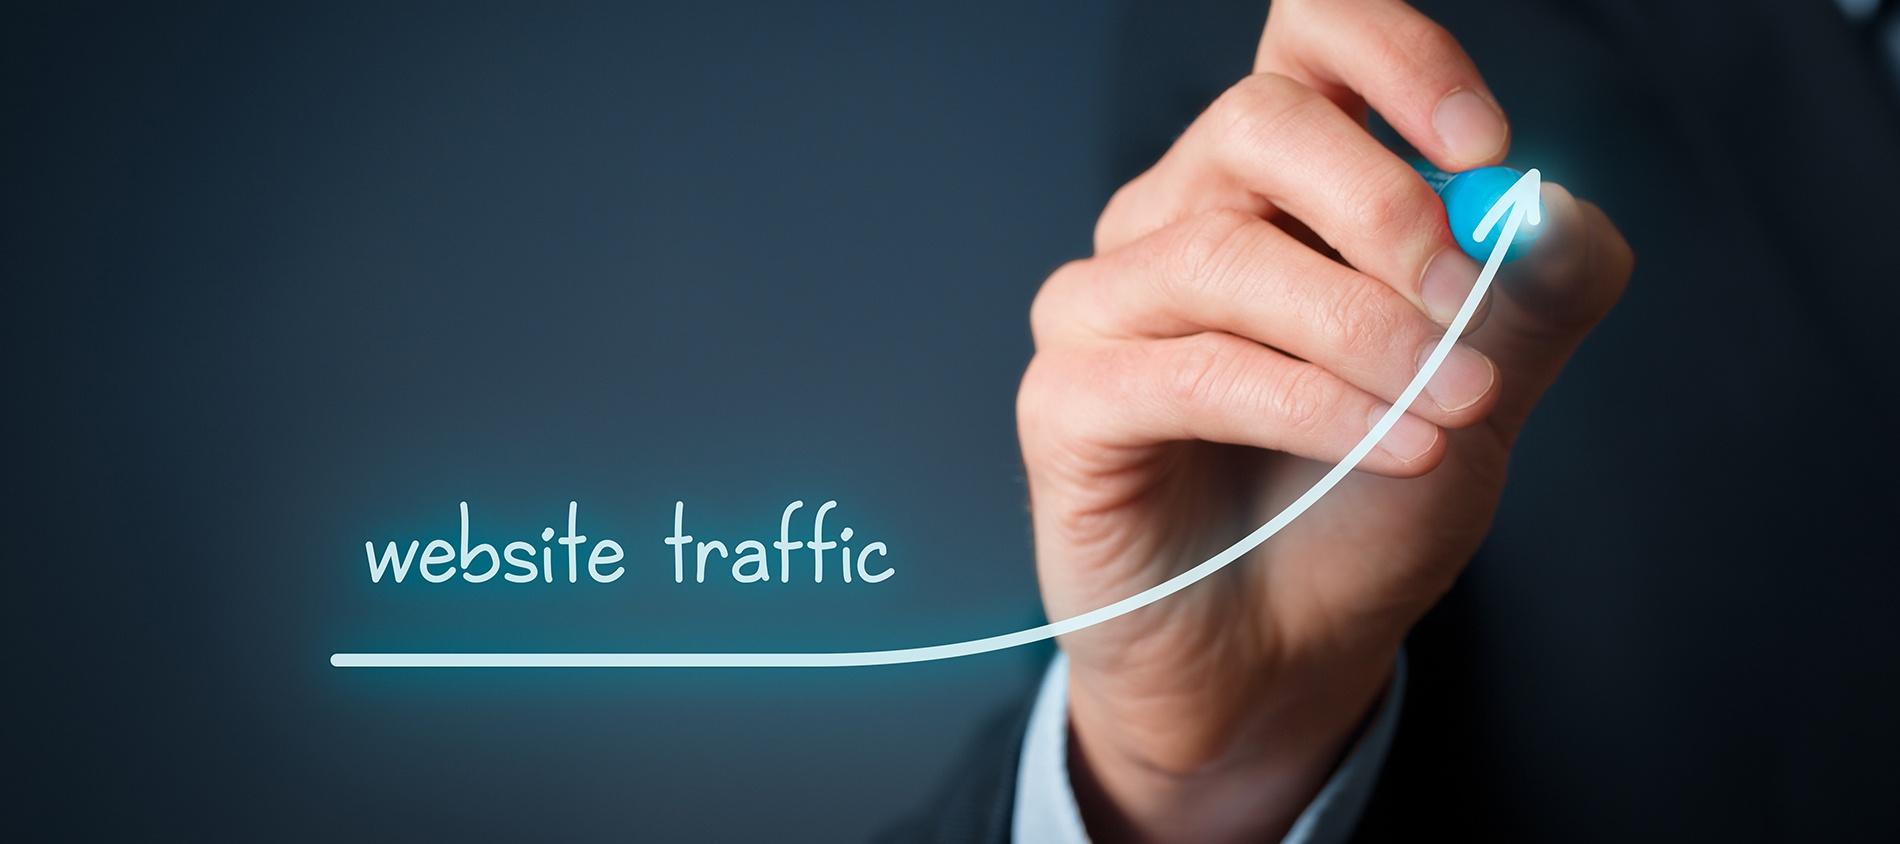 Tráfico web cualificado en tu sitio para la generación de ventas